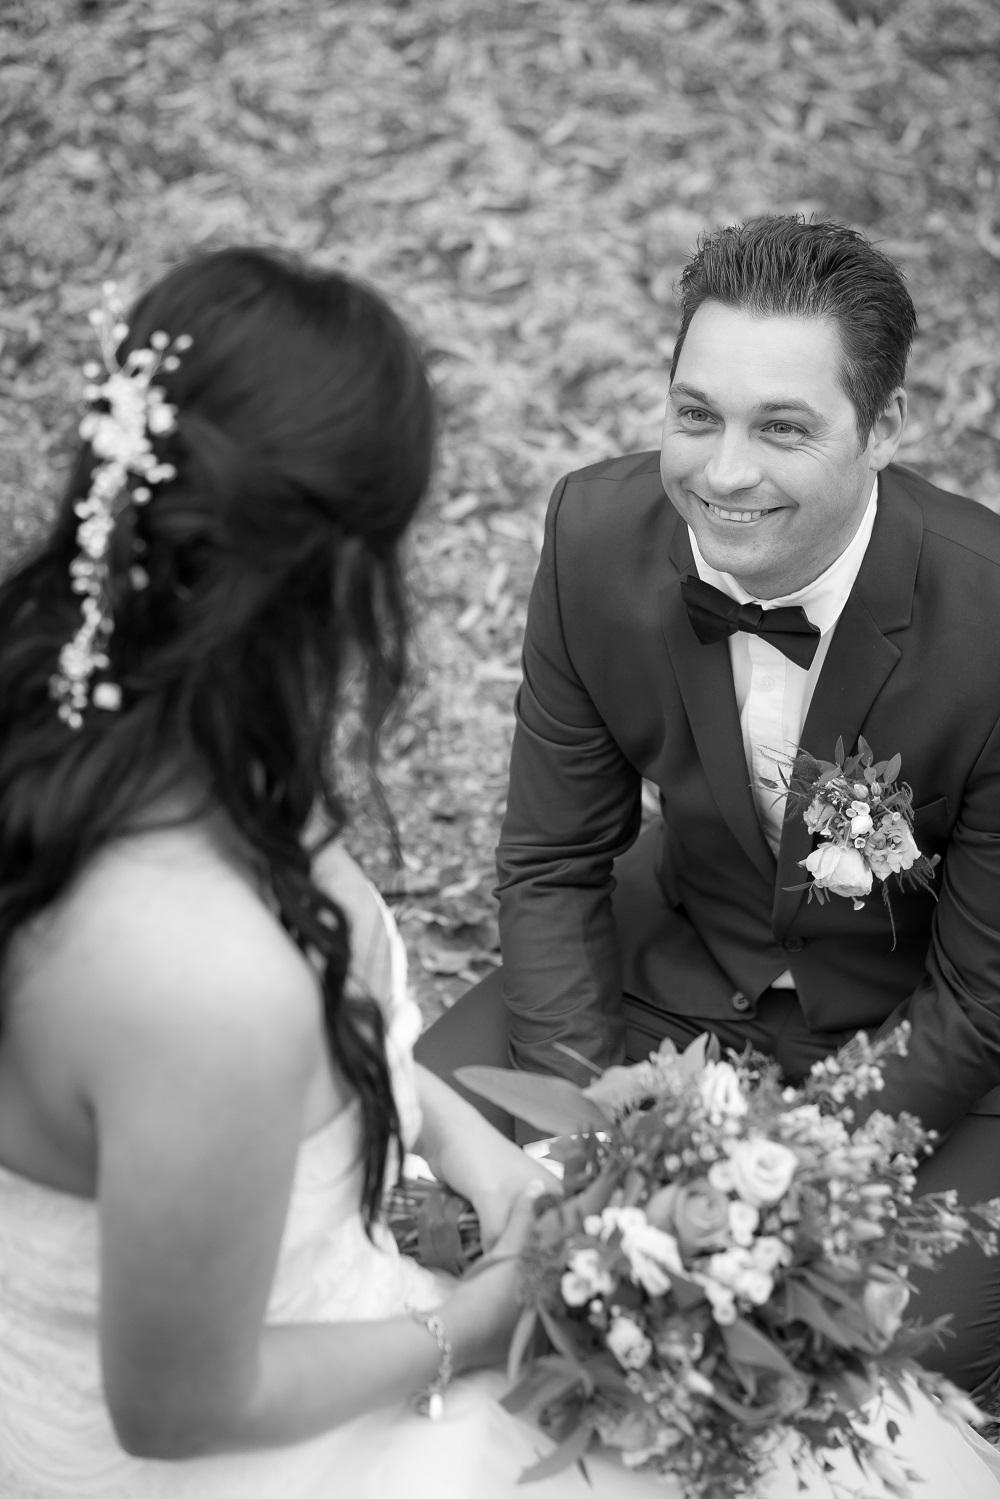 Ideen Shooting Hochzeit  Hochzeitsshooting Geblitztdingst